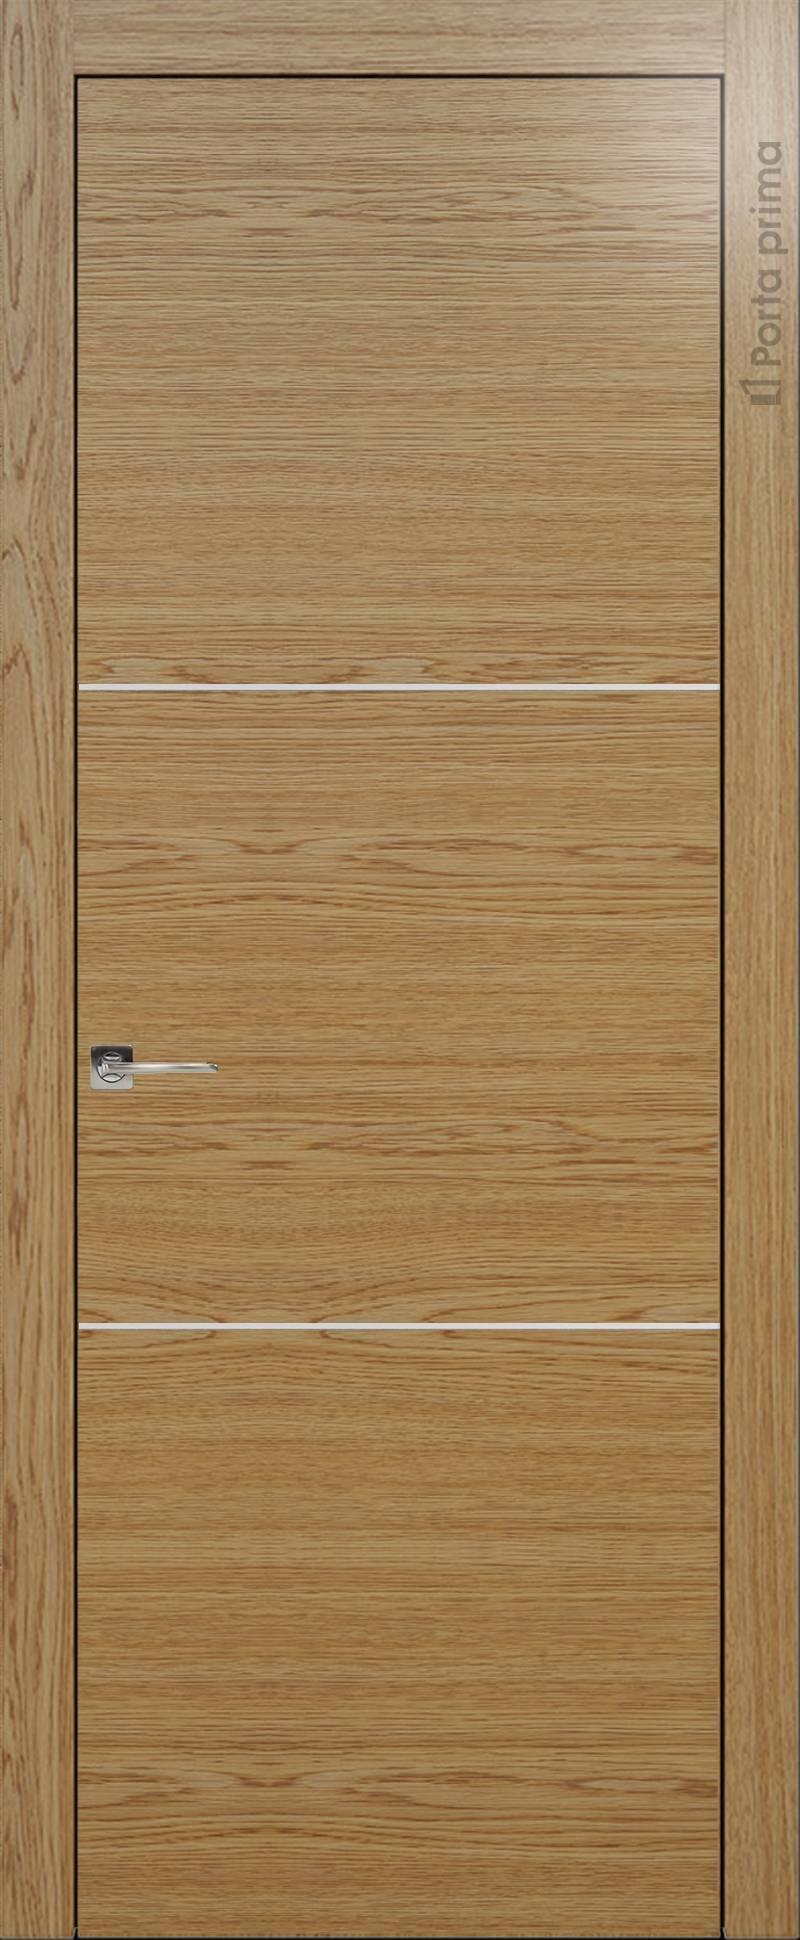 Tivoli В-3 цвет - Дуб карамель Без стекла (ДГ)